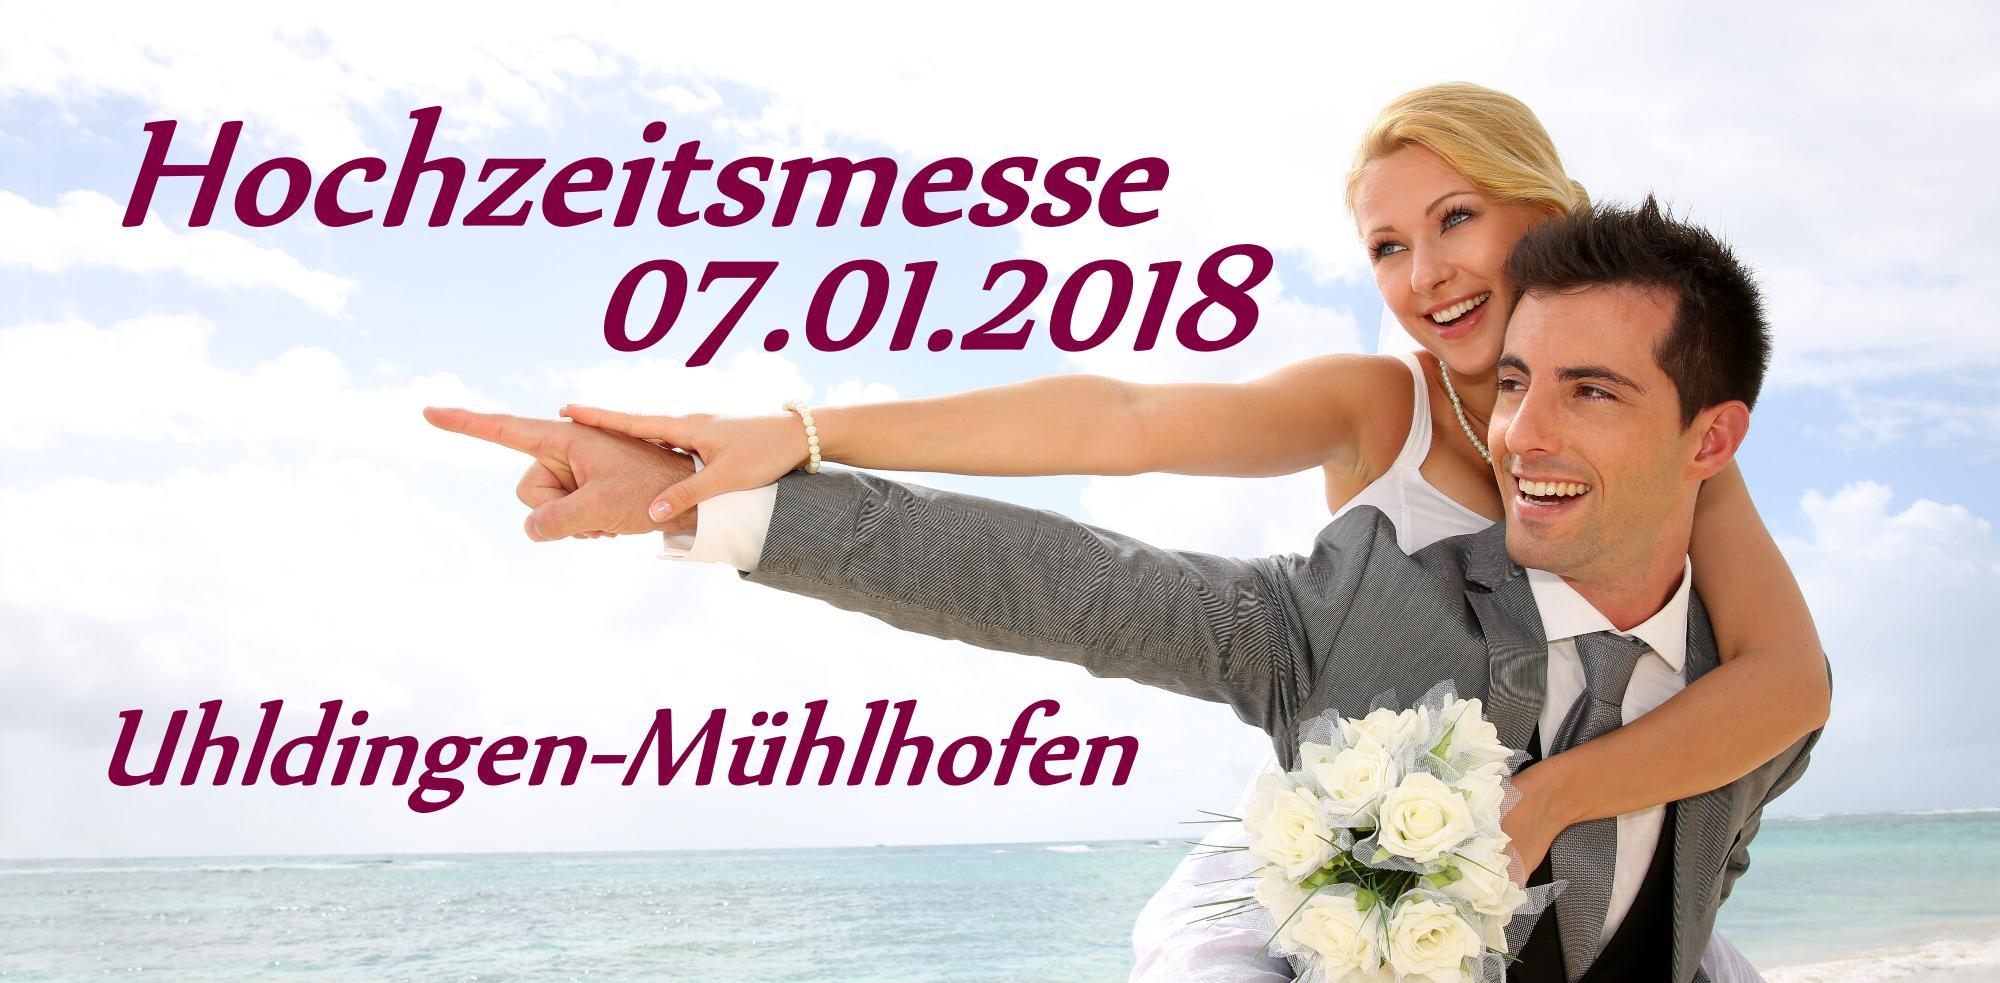 Messestand auf der Hochzeitsmesse Uhldingen-Mühlhofen am 7.1.2018